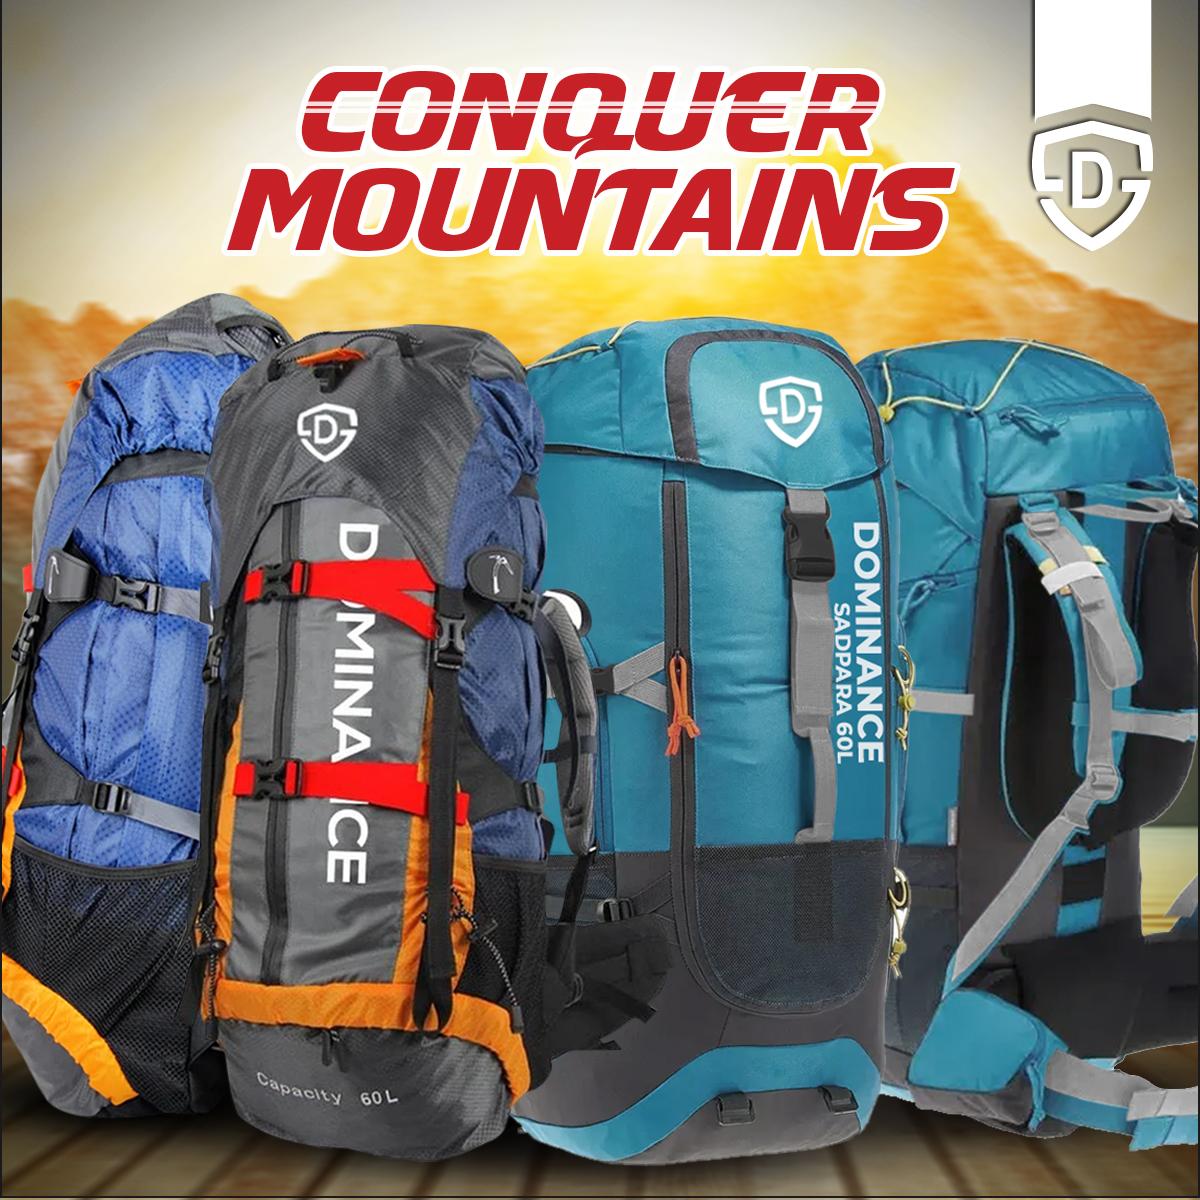 60-L Trekking Backpack Bag for men travelling Bag and hiking bag, Gym Bag  | Travel Bag | Weekend Luggage Tour Bag, Backpack For Men & Women